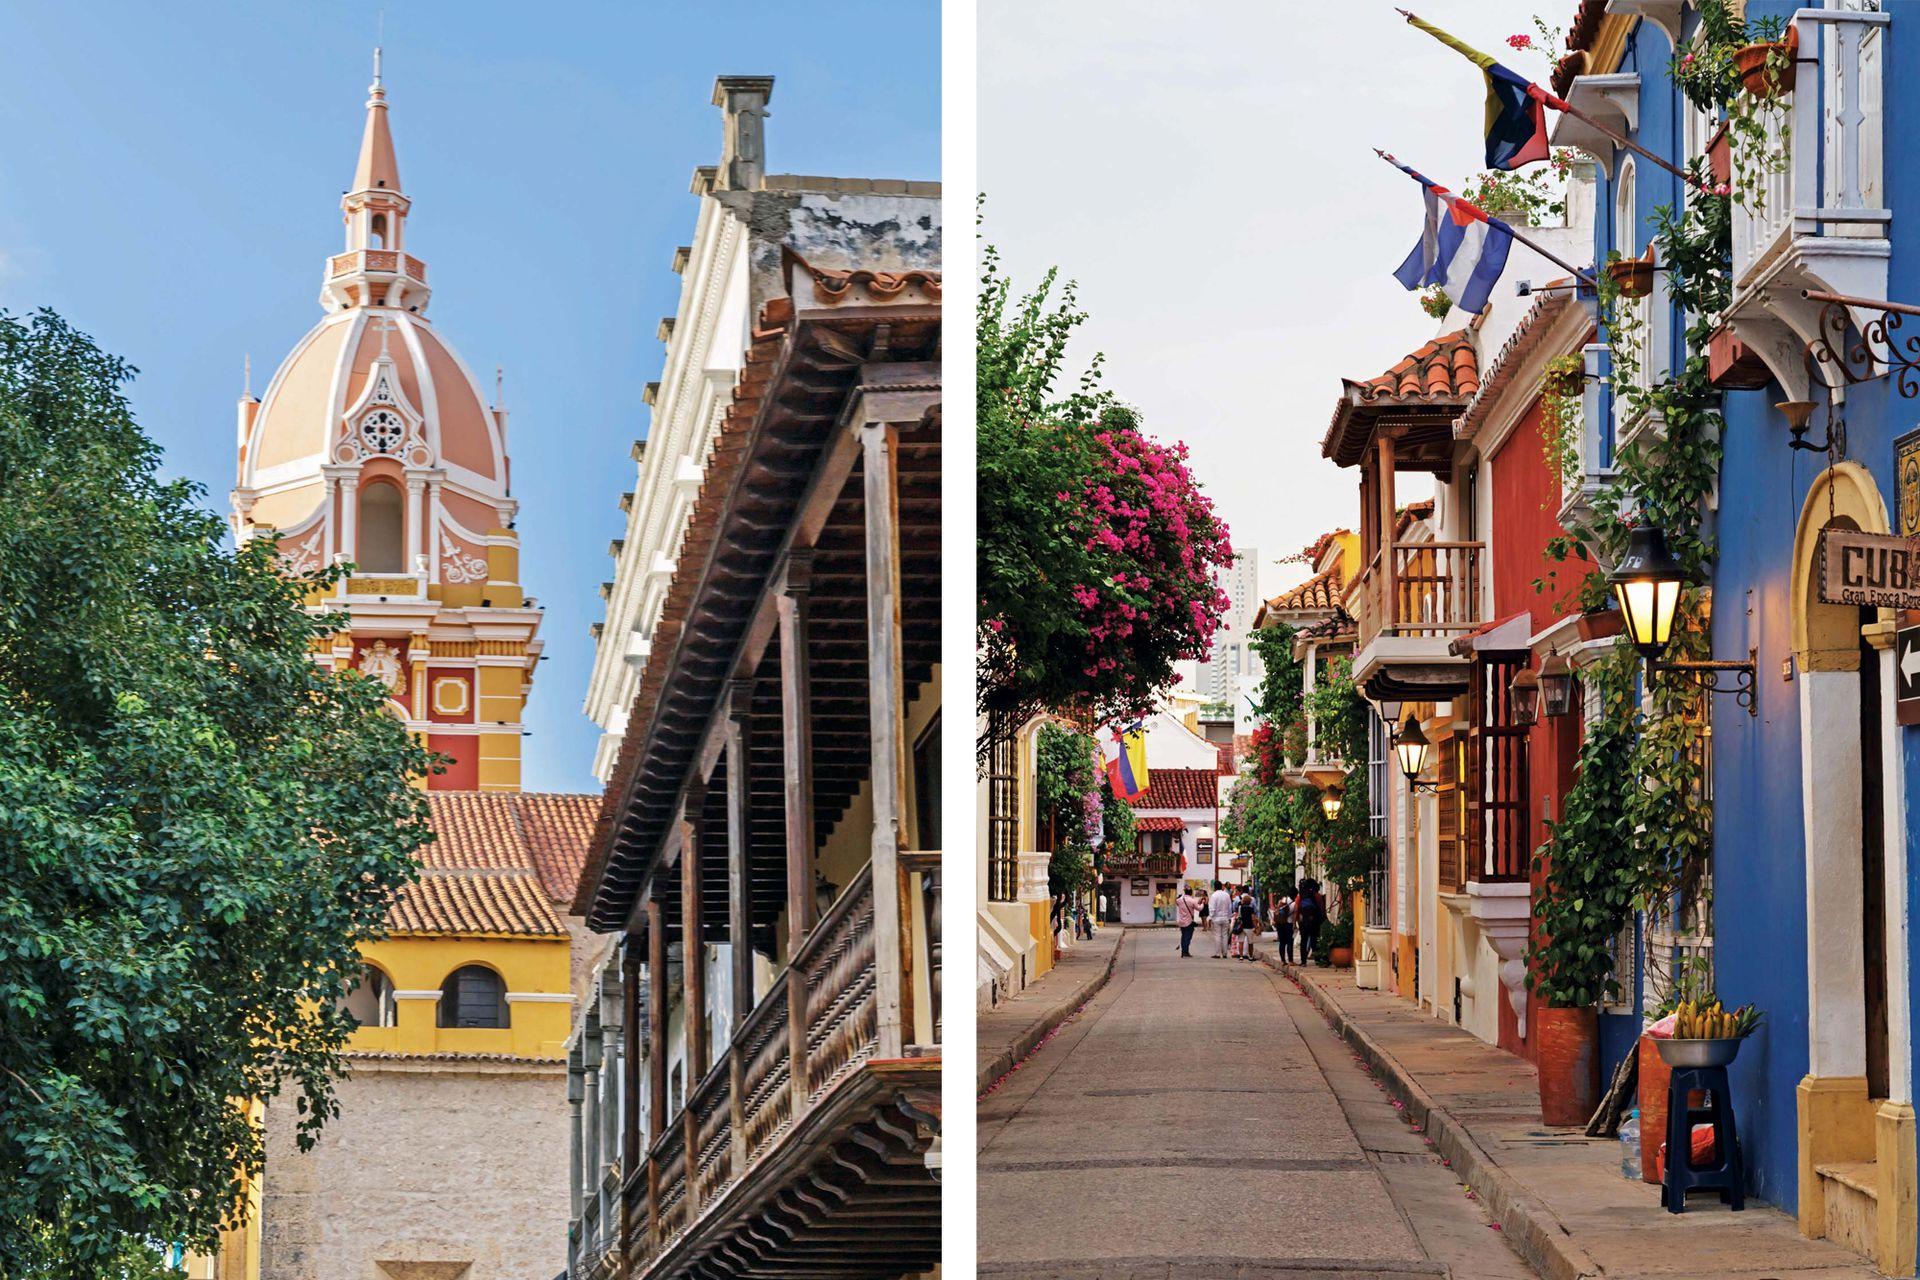 A la izquierda, la cúpula de la catedral de Santa Catalina de Alejandría, en medio del centro histórico fantásticamente restaurado.